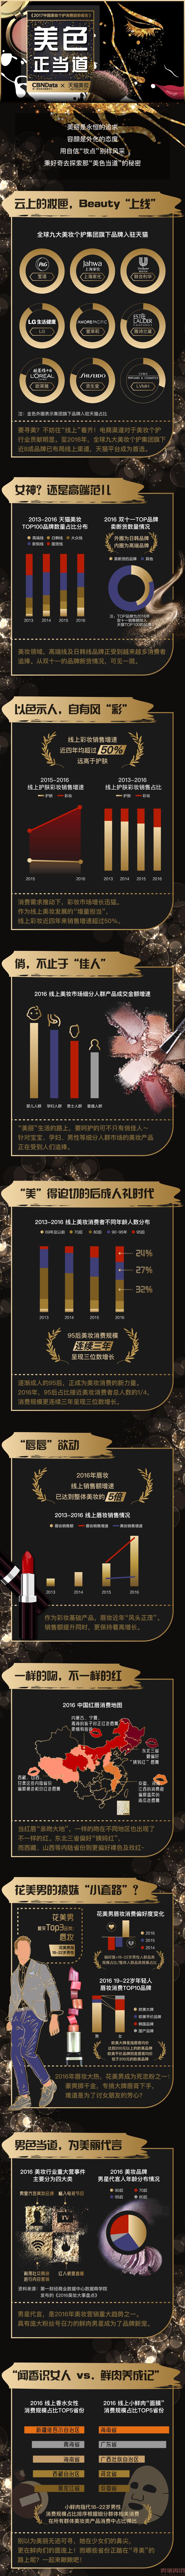 """天猫美妆2017消费趋势:口红成为年度最受欢迎""""网红"""""""